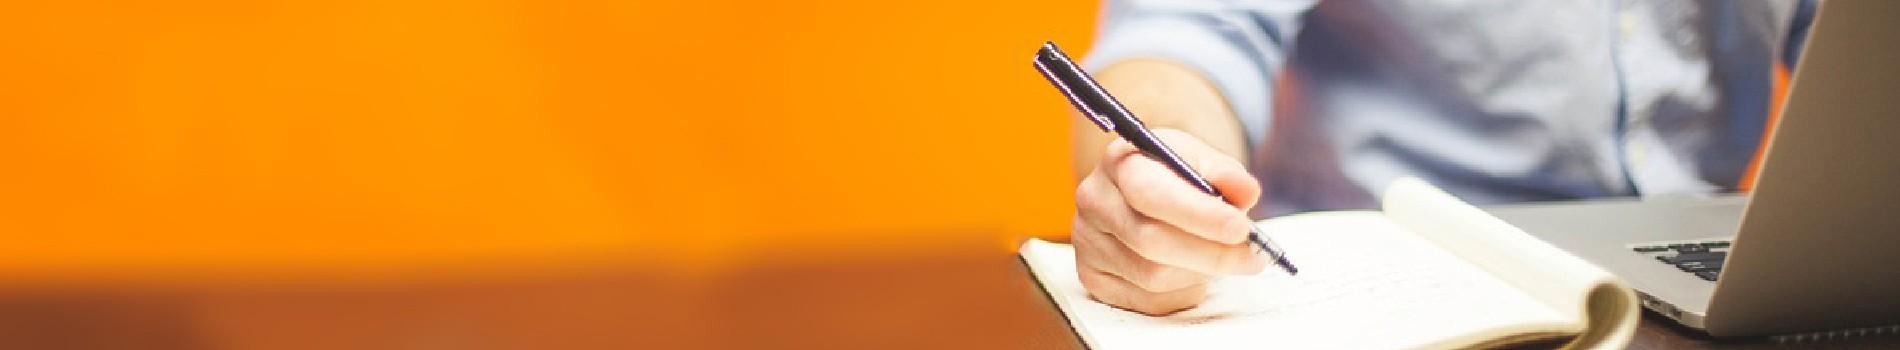 Senac está com inscrições abertas para cursos de pós-graduação a distância